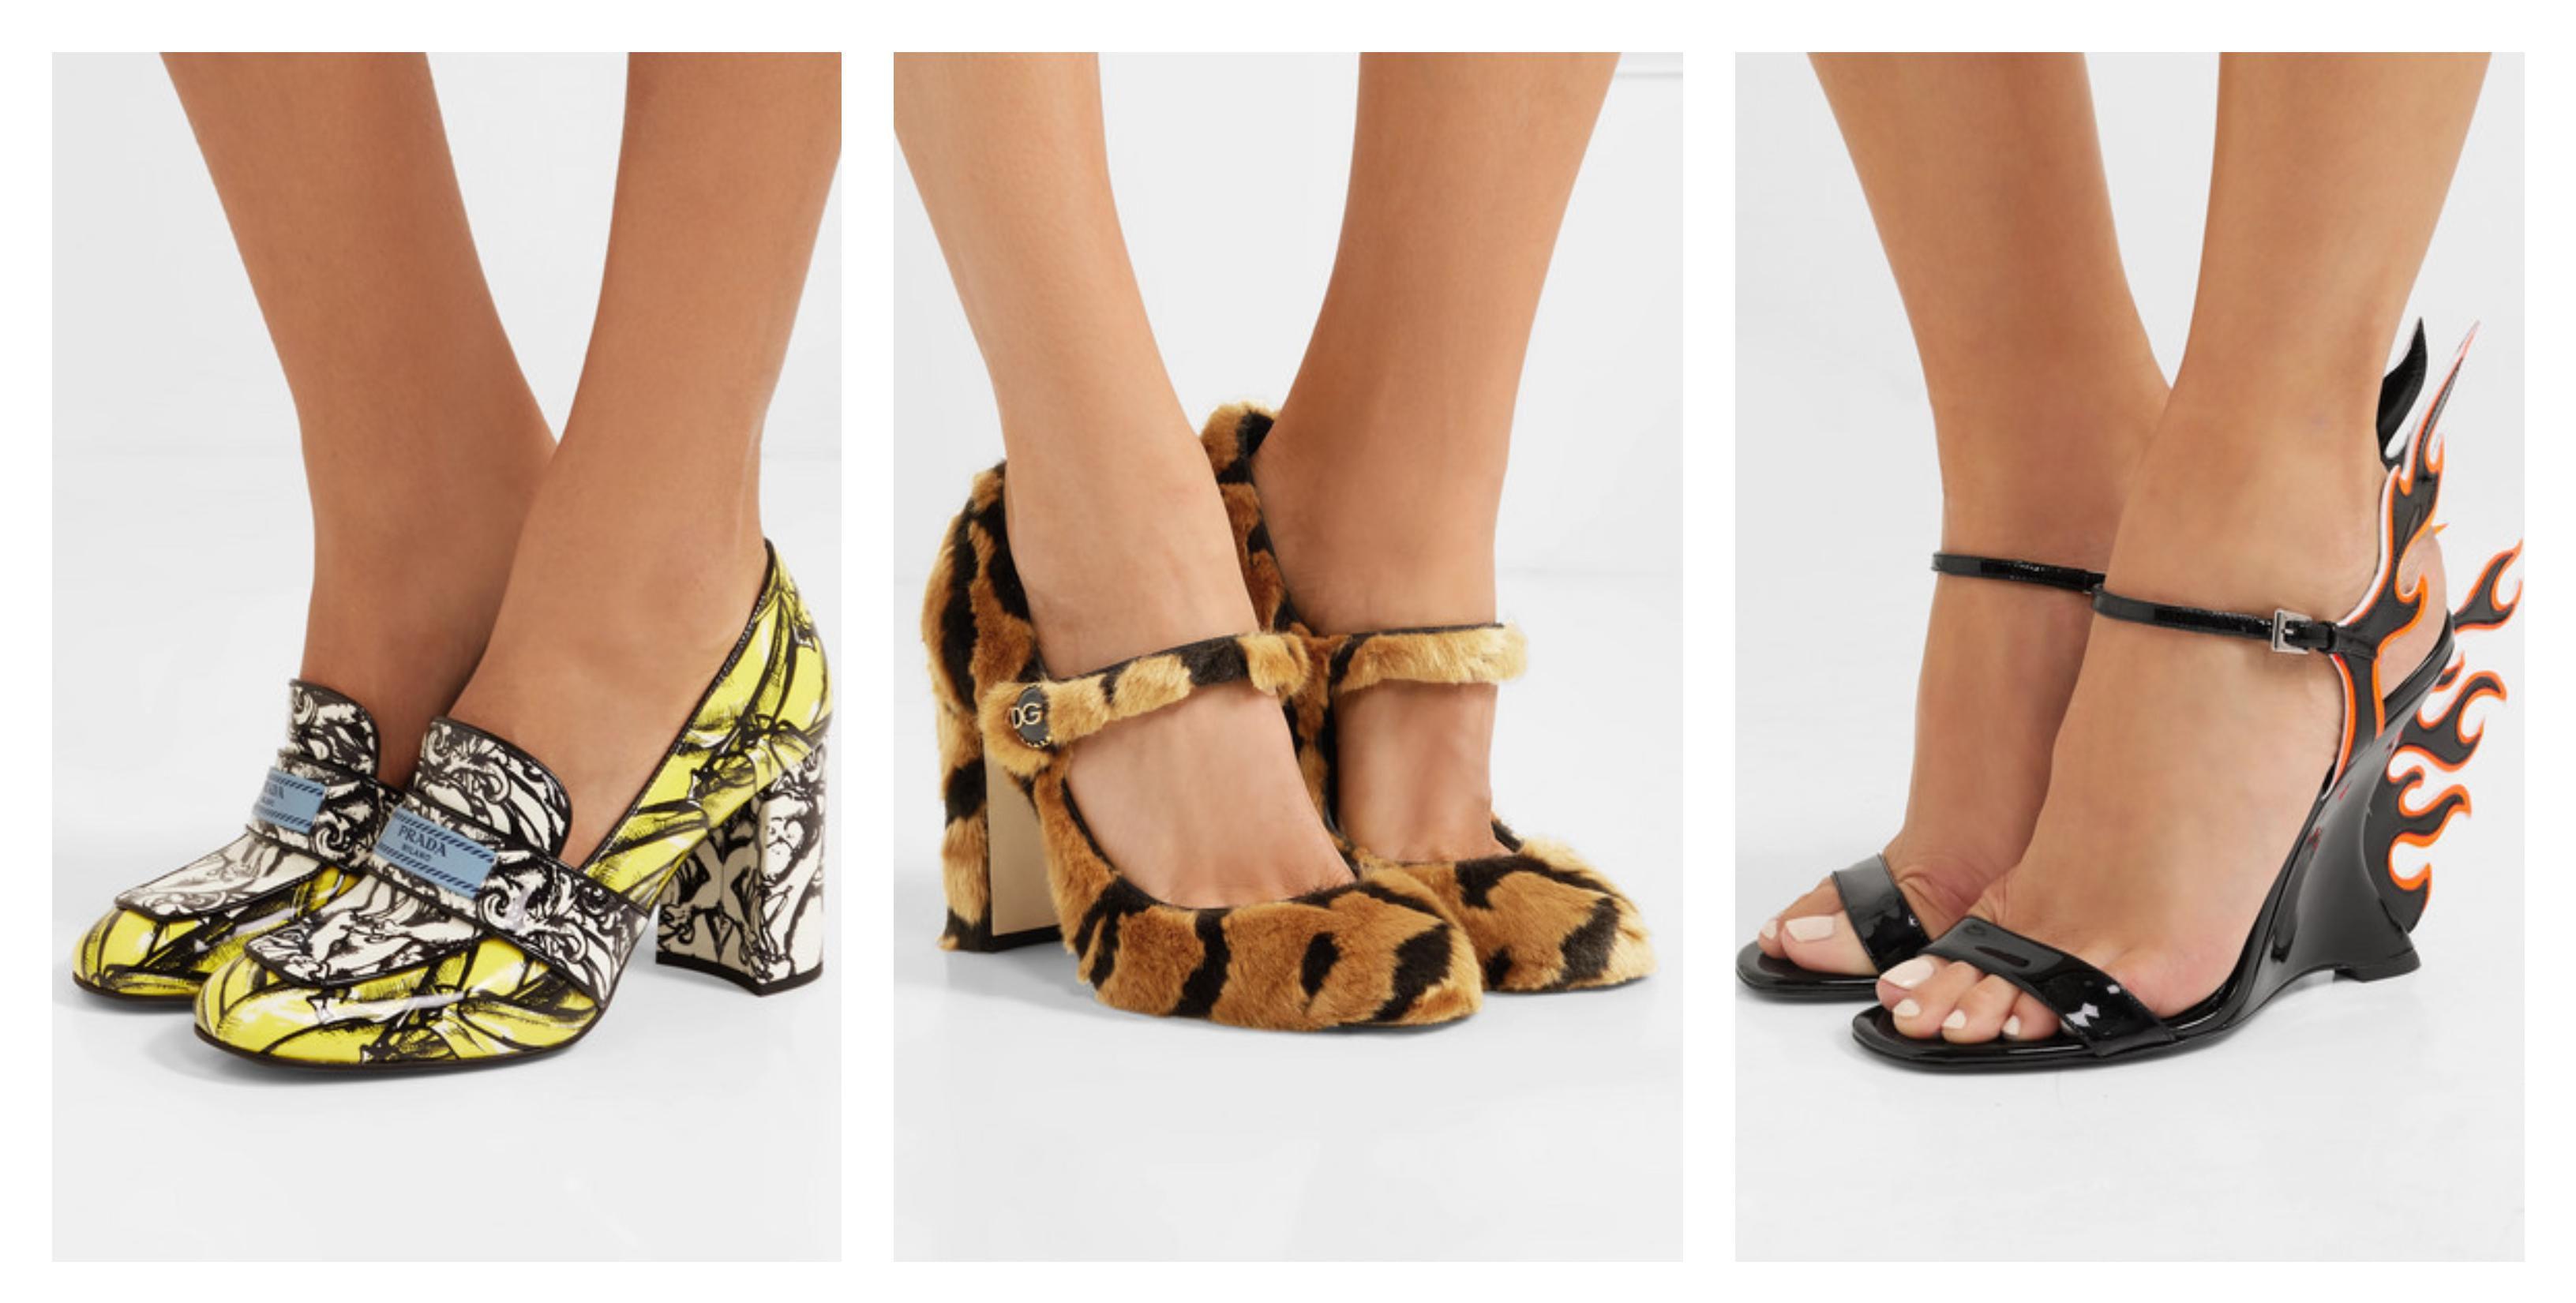 Samo za najhrabrije: Cipele u novim dizajnerskim kolekcijama prilično su neobične!